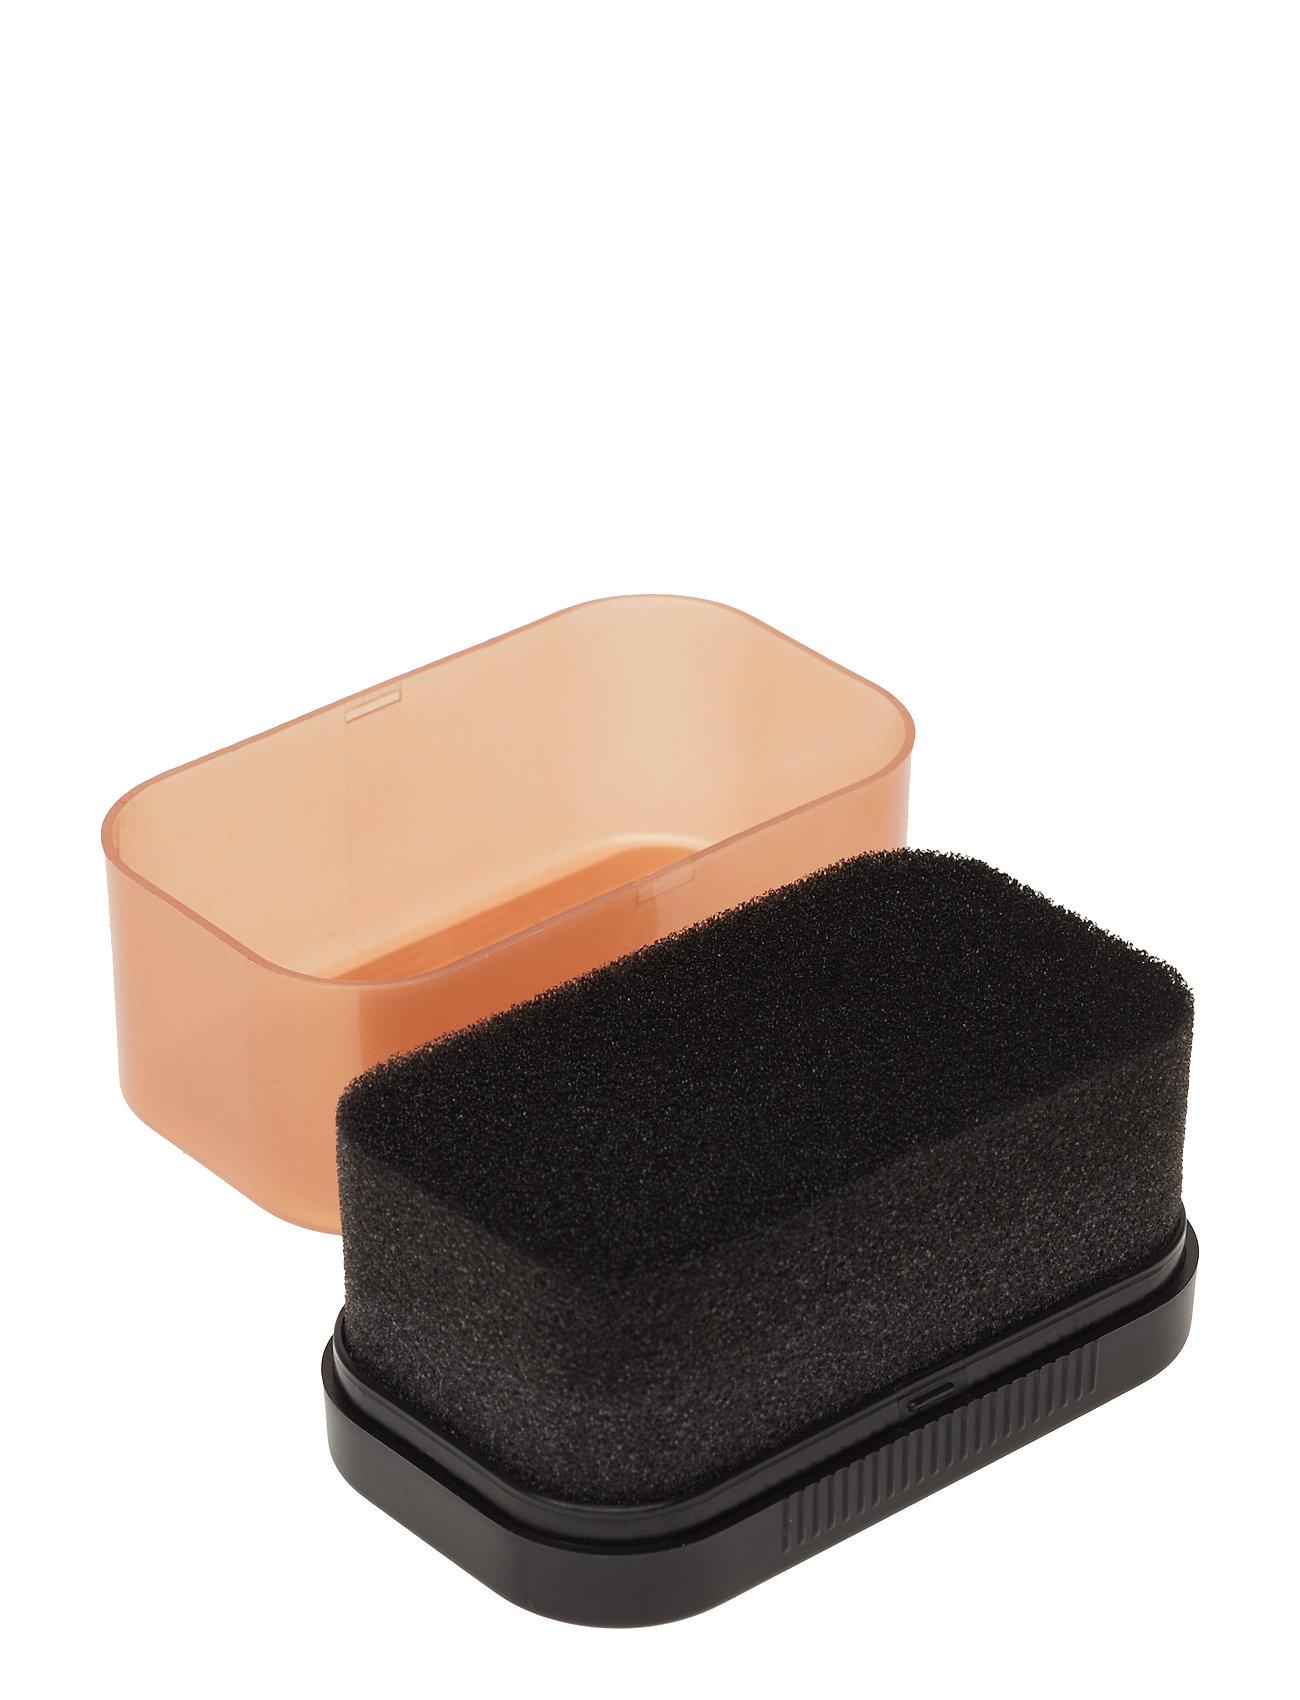 Leather Shine Sponge Black Skopleje Multi/mønstret Springyard